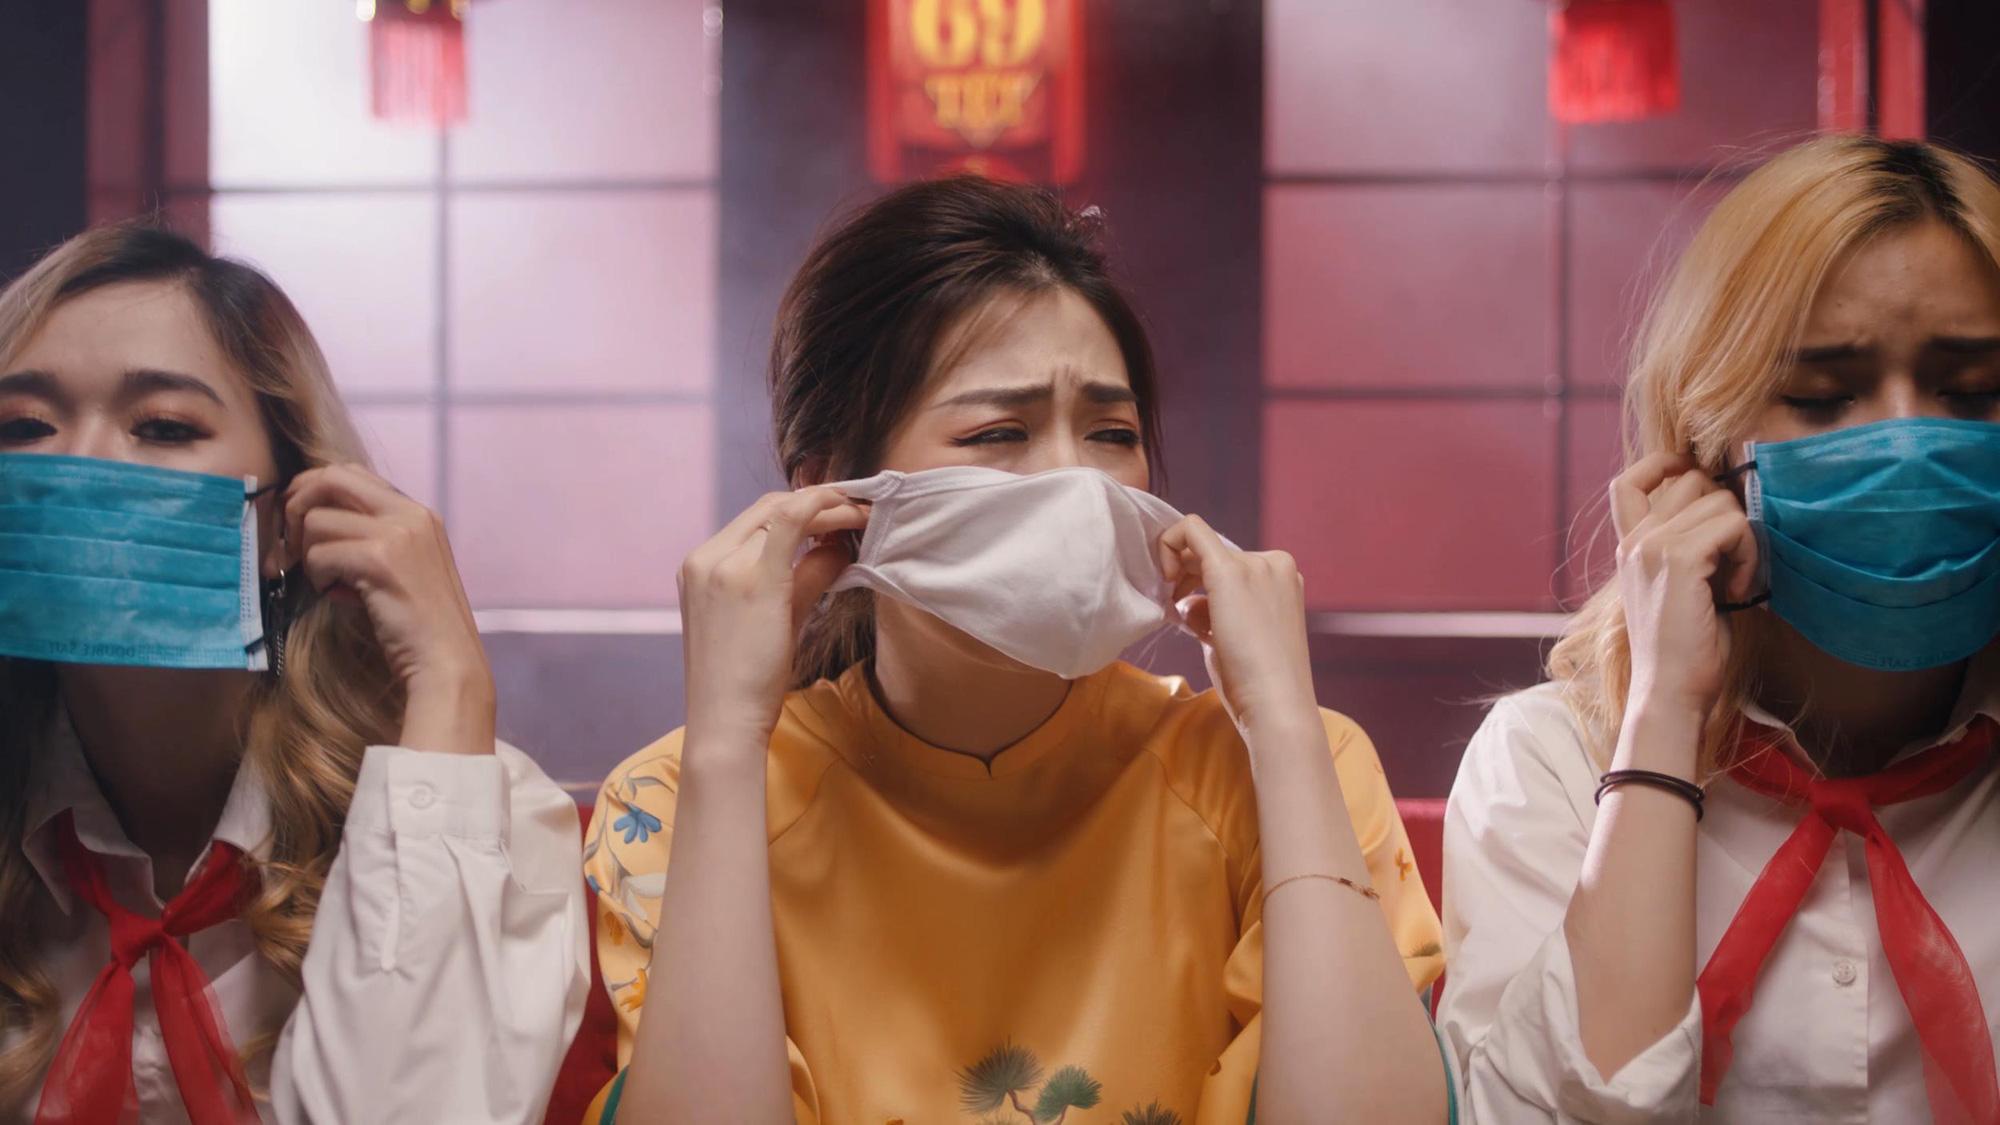 Á hậu Tú Anh bất ngờ tung MV ca nhạc về dịch Covid-19 - Ảnh 3.